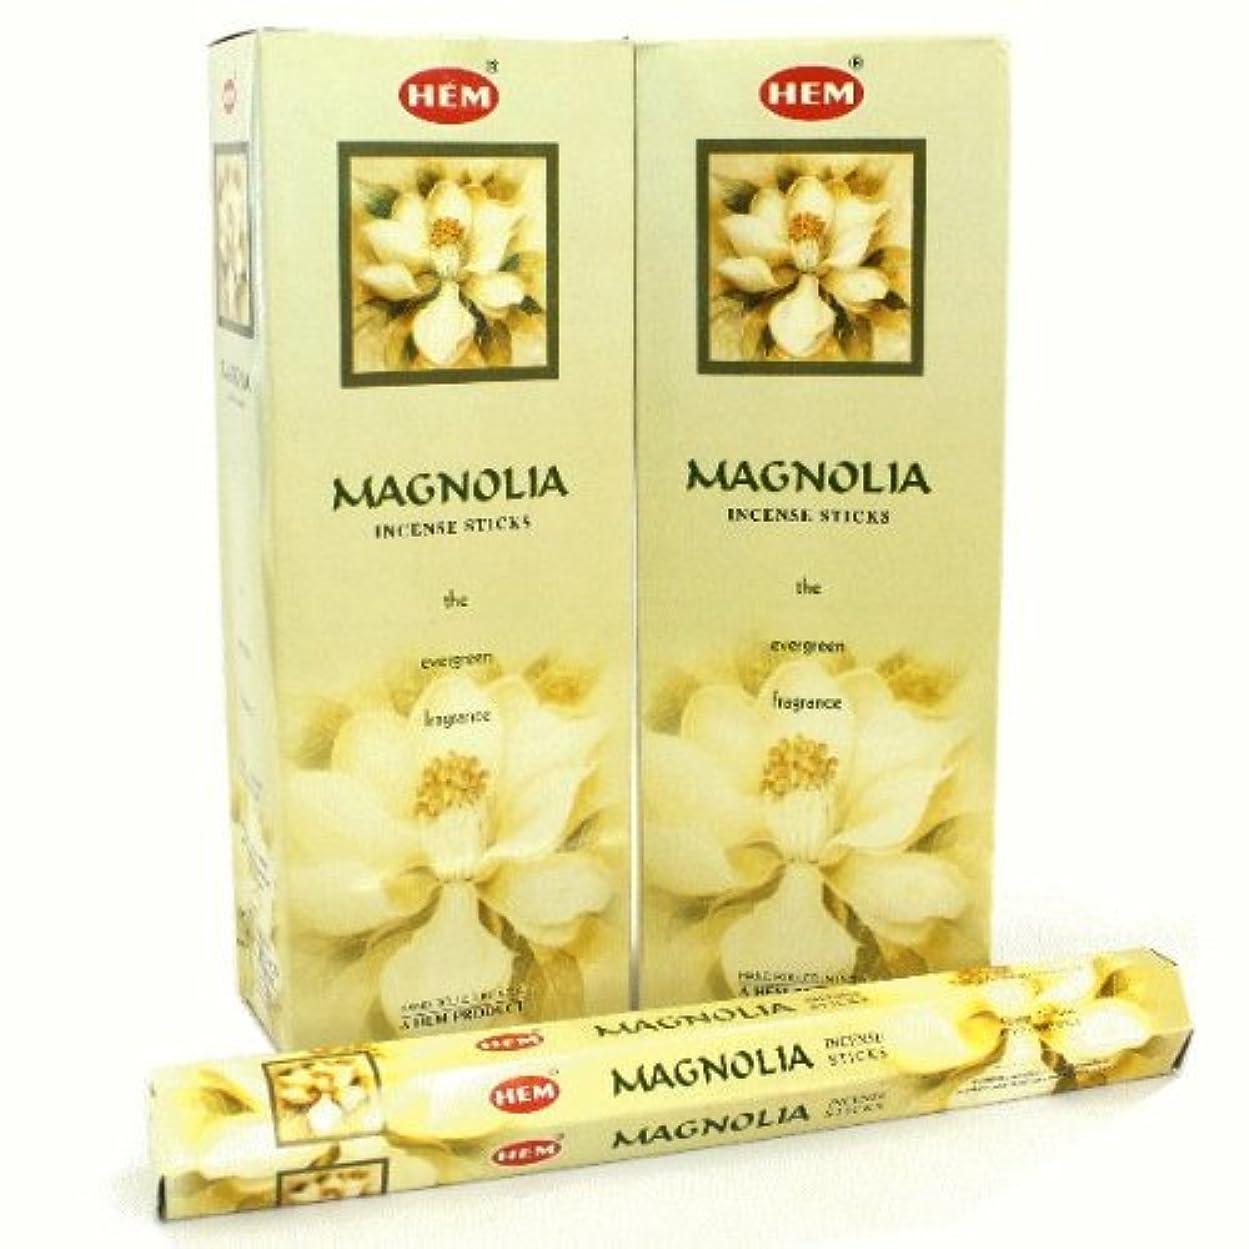 パノラマ間接的強化HEM マグノリア香 スティック ヘキサパック(六角) 12箱セット HEM MAGNOLIA